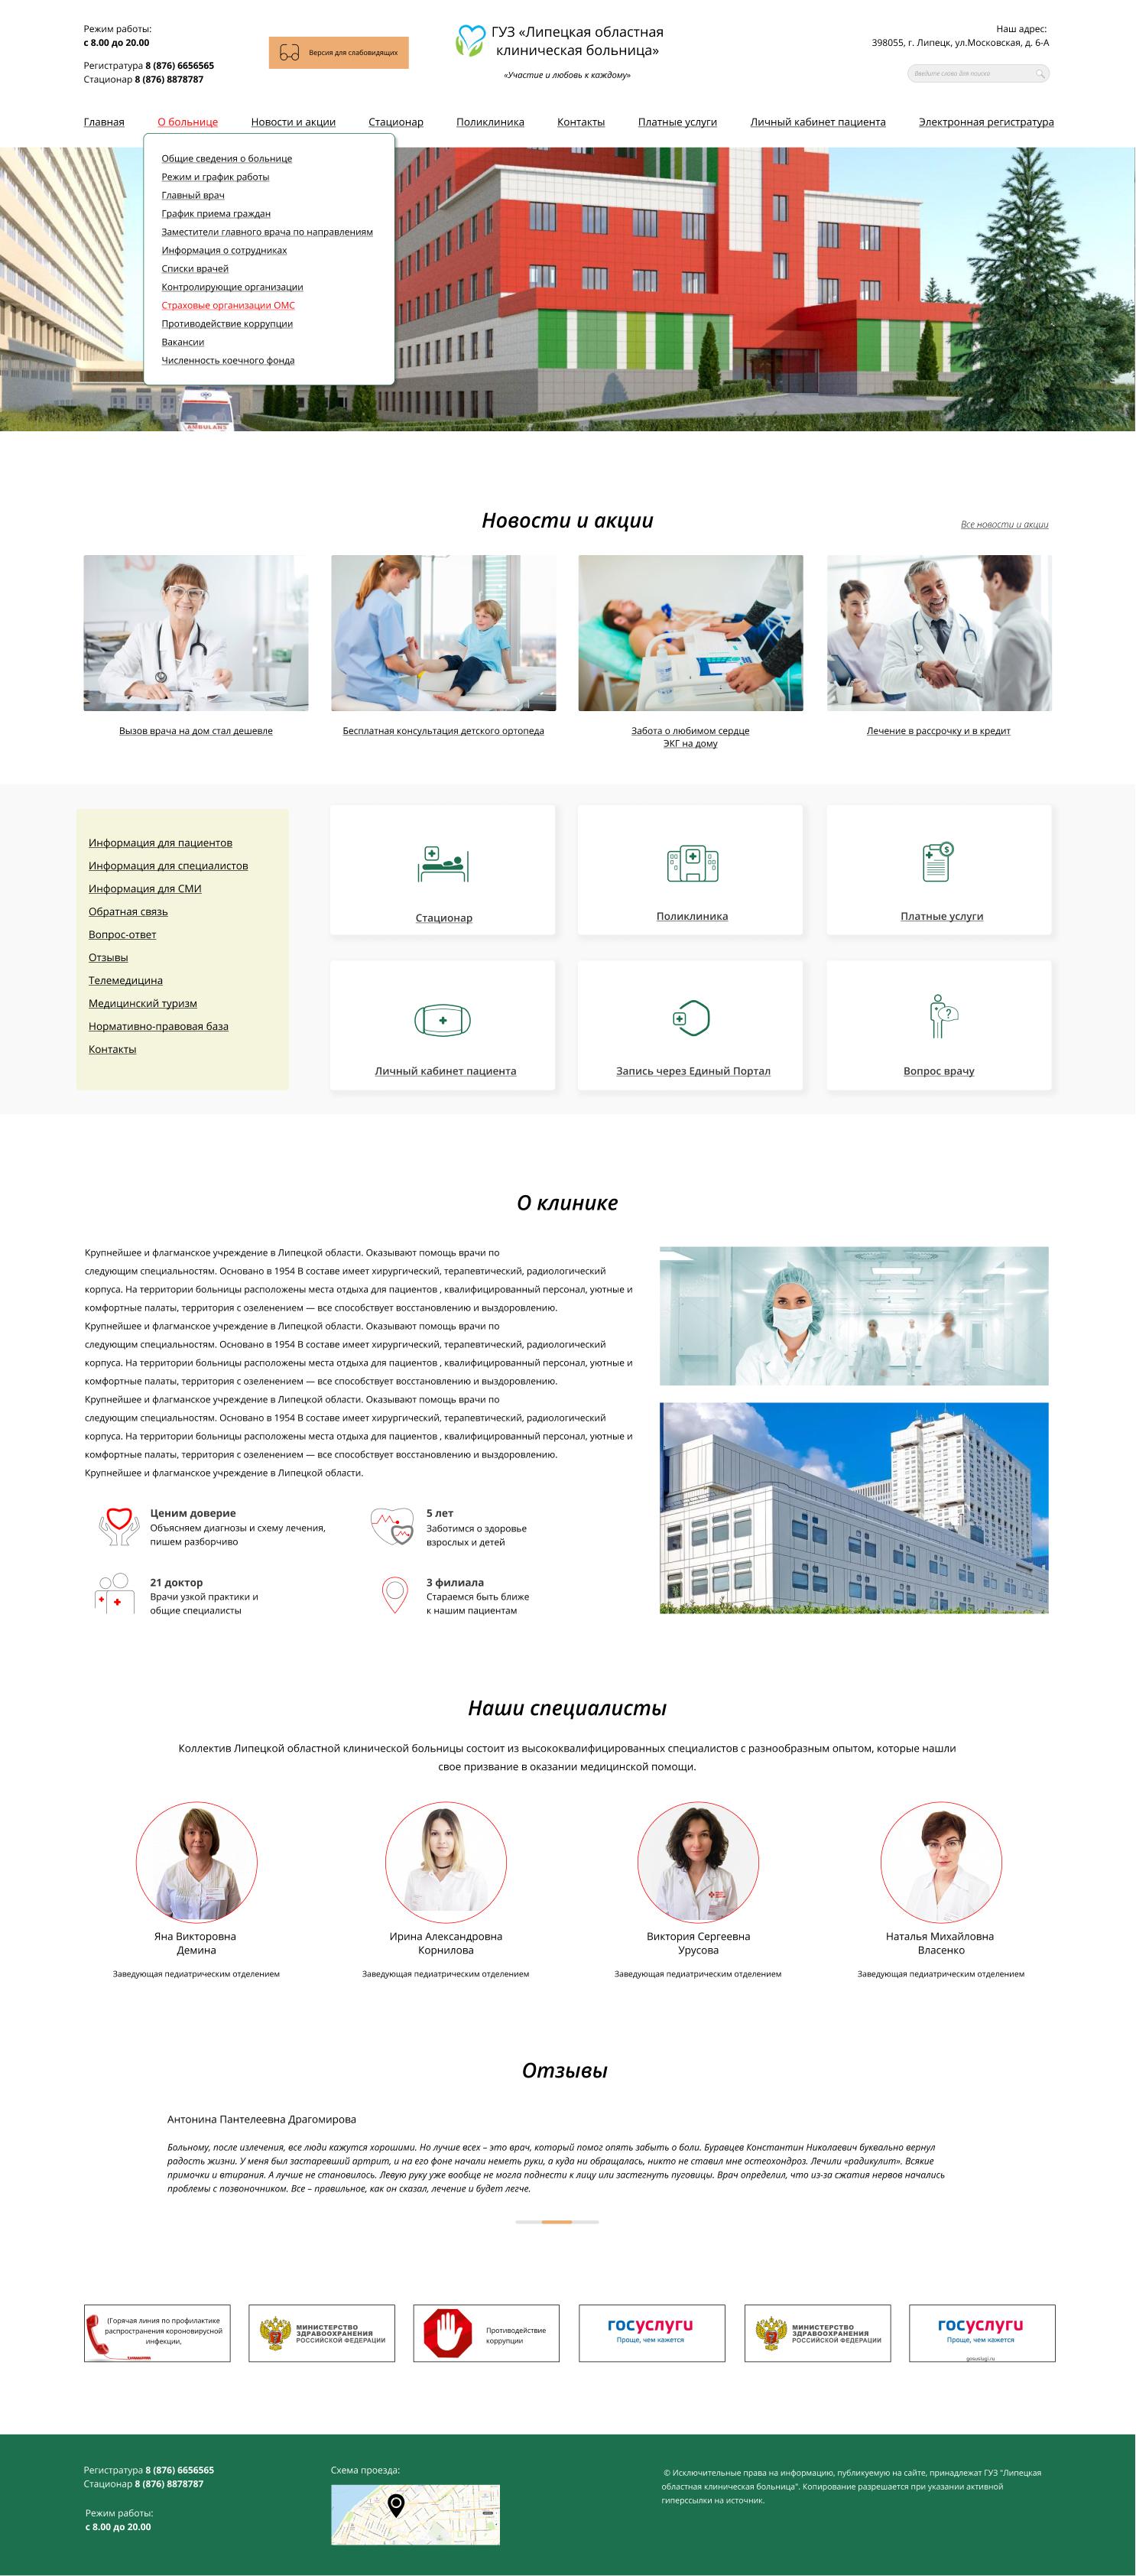 Дизайн для сайта больницы. Главная страница + 2 внутренних. фото f_8955fb4ff6647ded.jpg